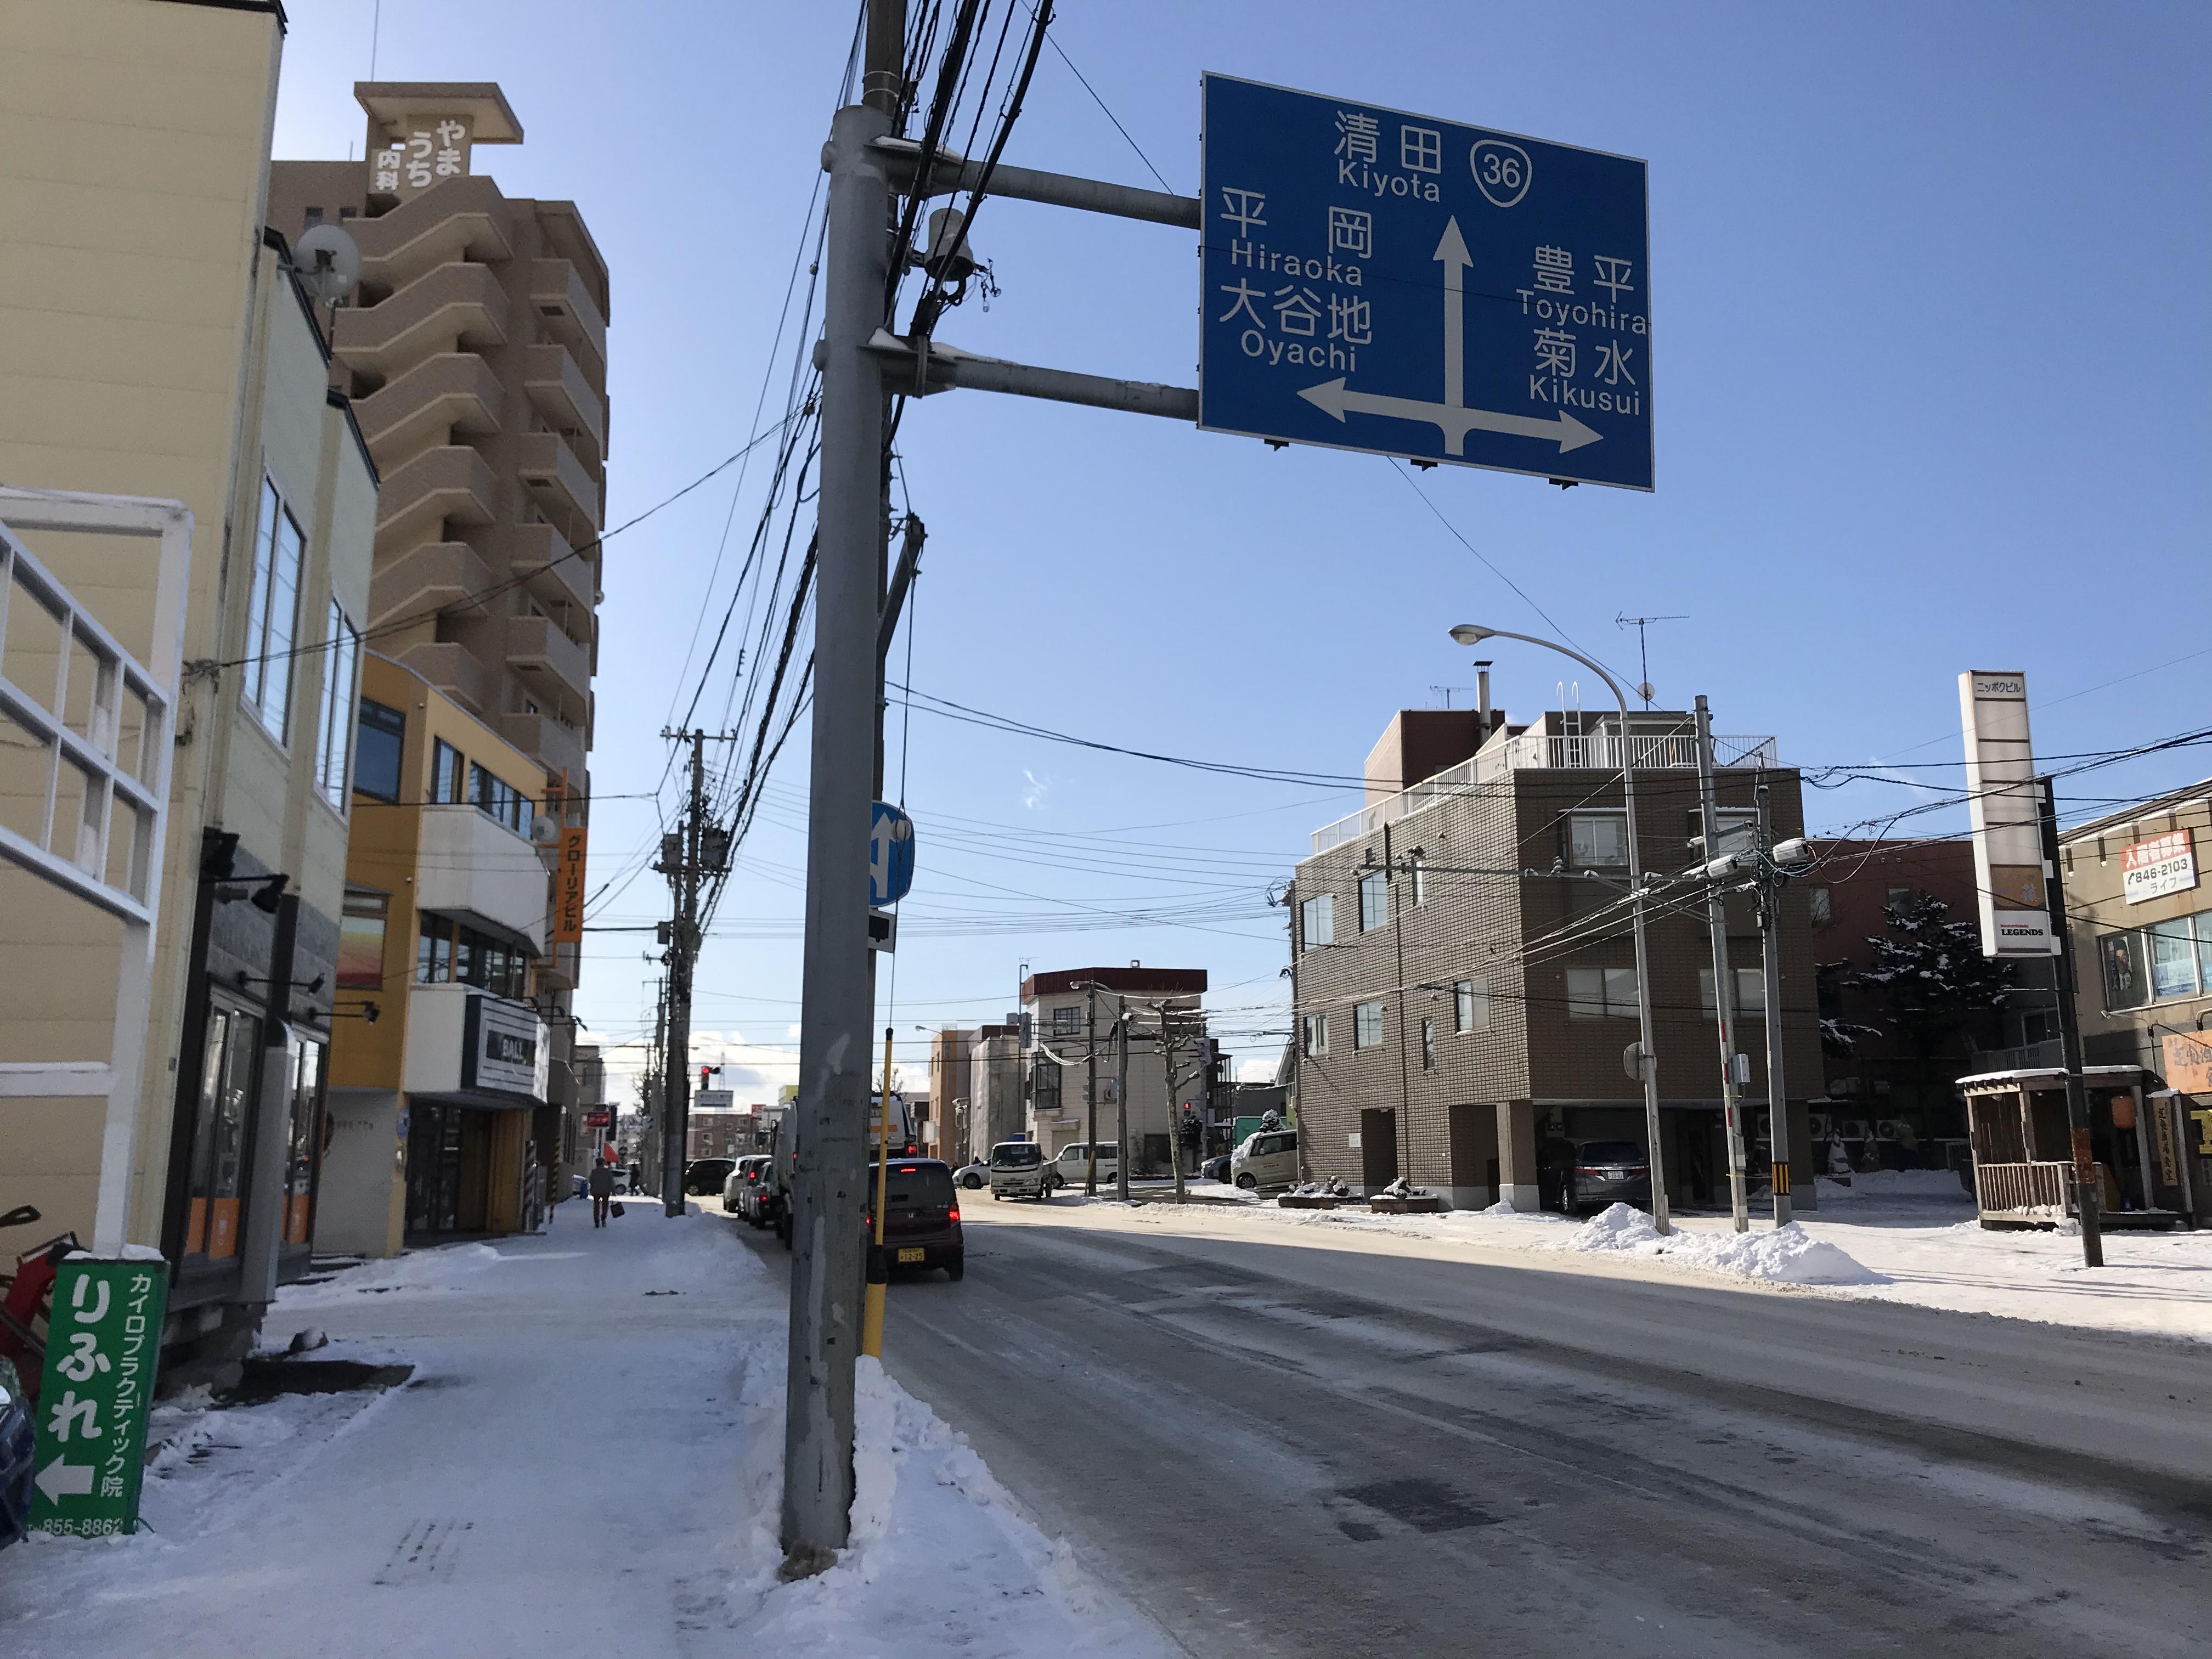 清田通をひたすら歩いていく